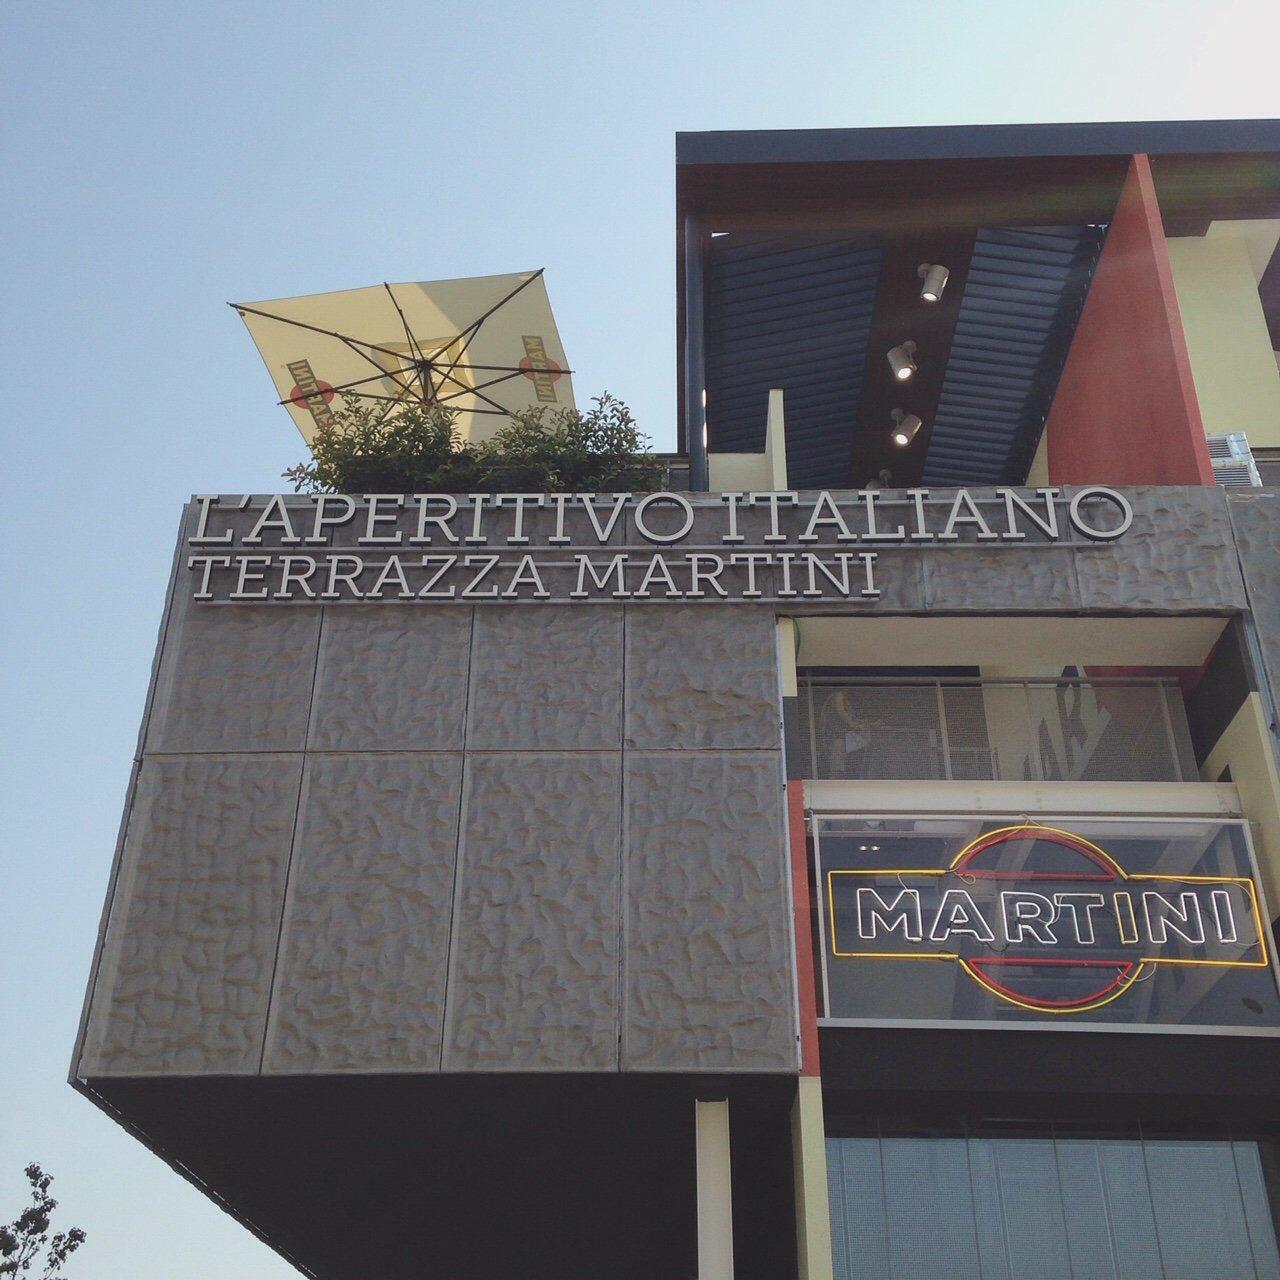 INGRIDESIGN EXPO milan 2015 l'aperitivo italiano terrazza martini